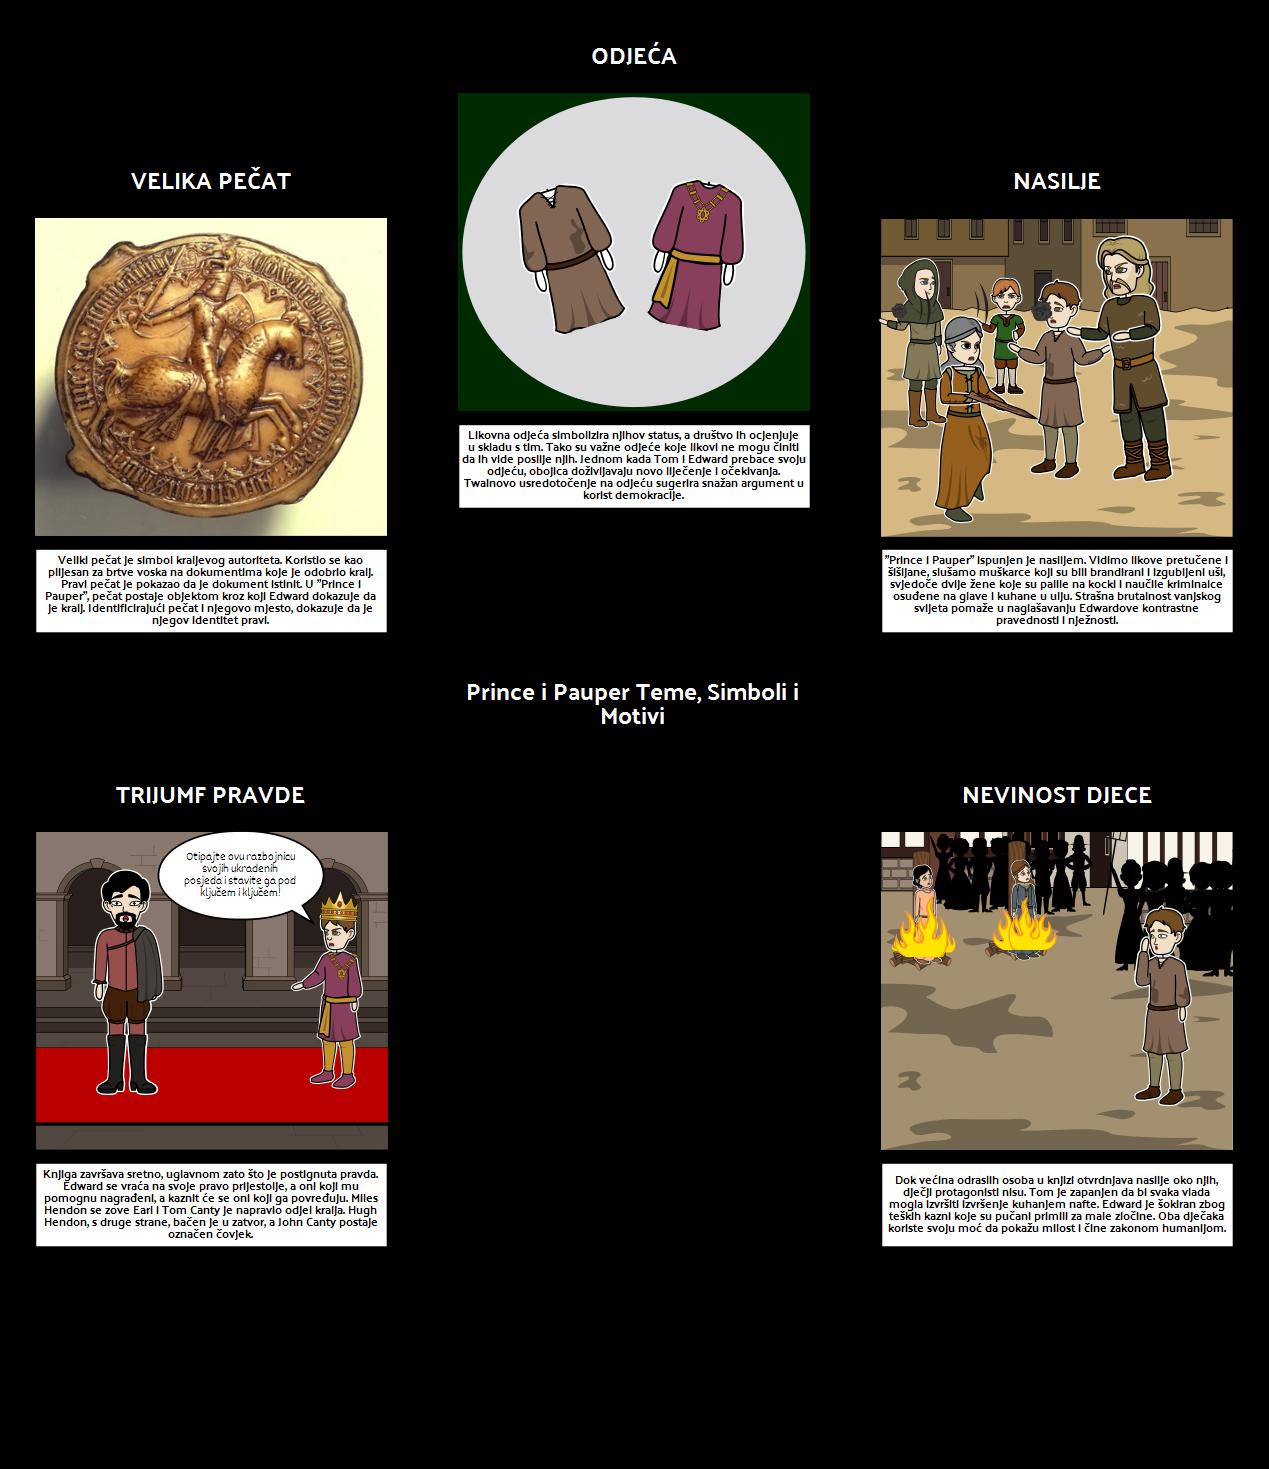 Prince i Pauper Teme, Motivi i Simboli